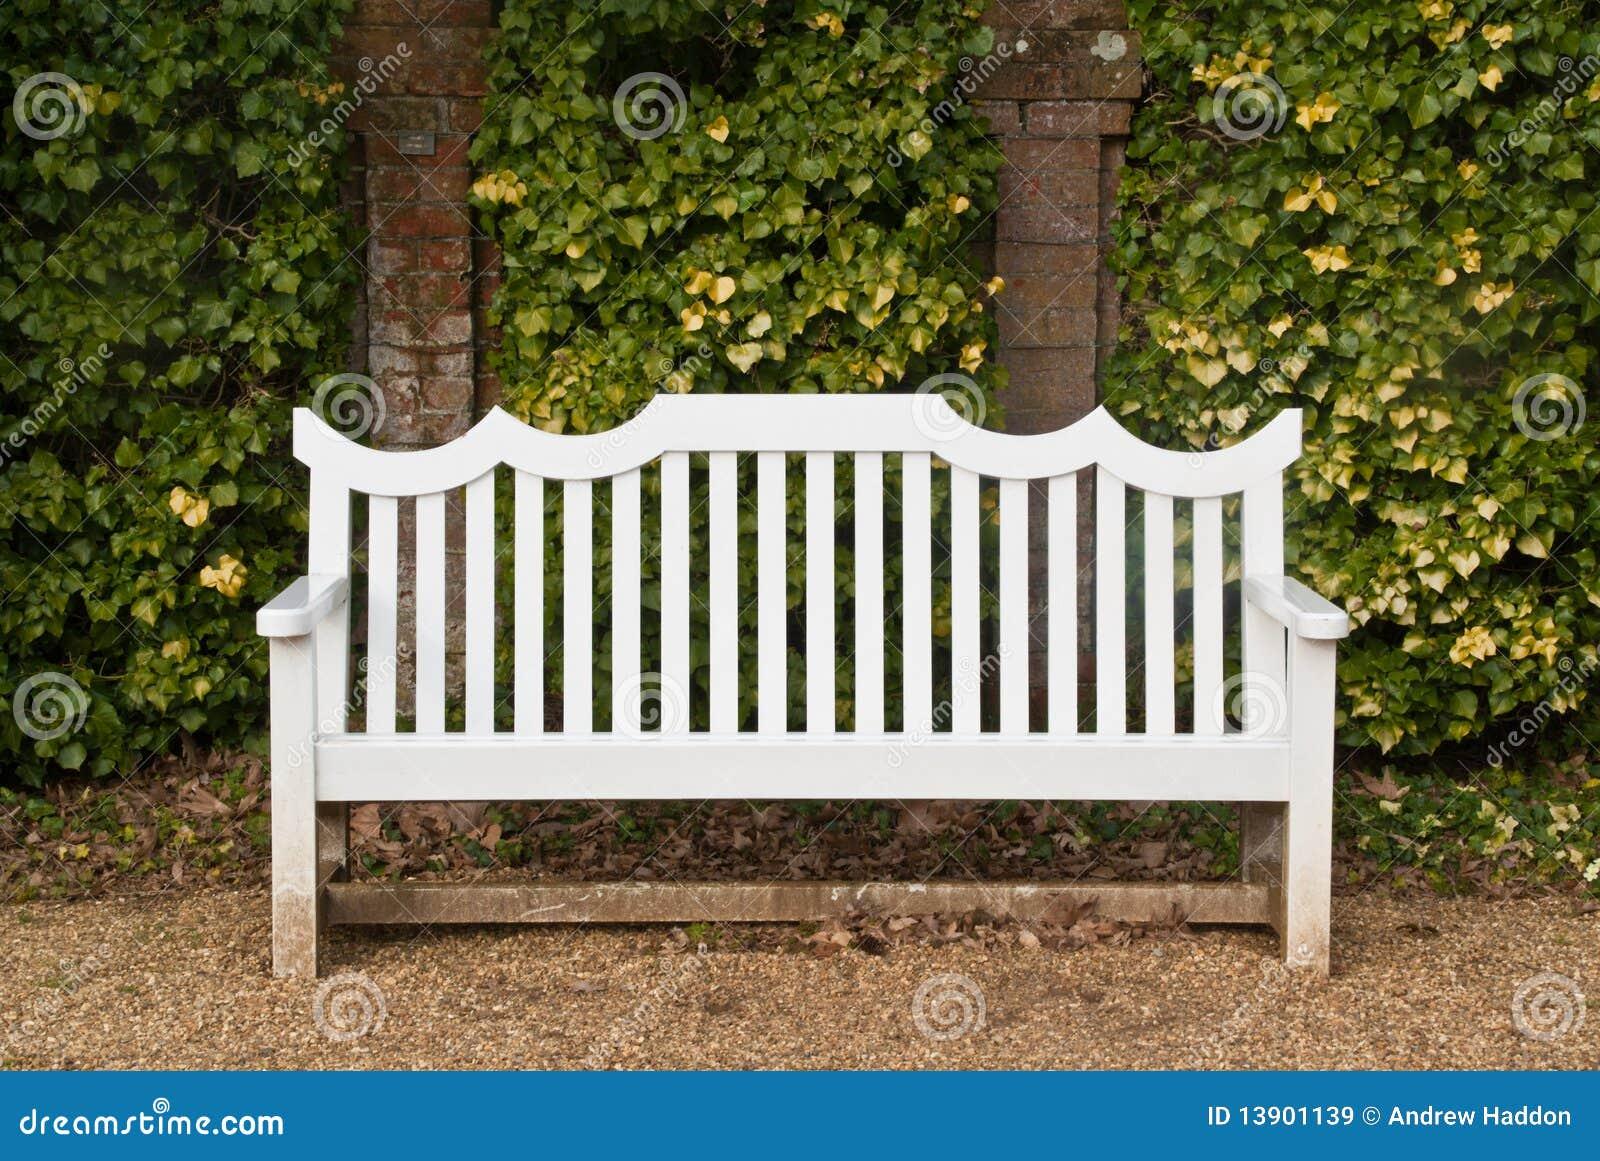 banc blanc devant le mur image stock image du brique 13901139. Black Bedroom Furniture Sets. Home Design Ideas